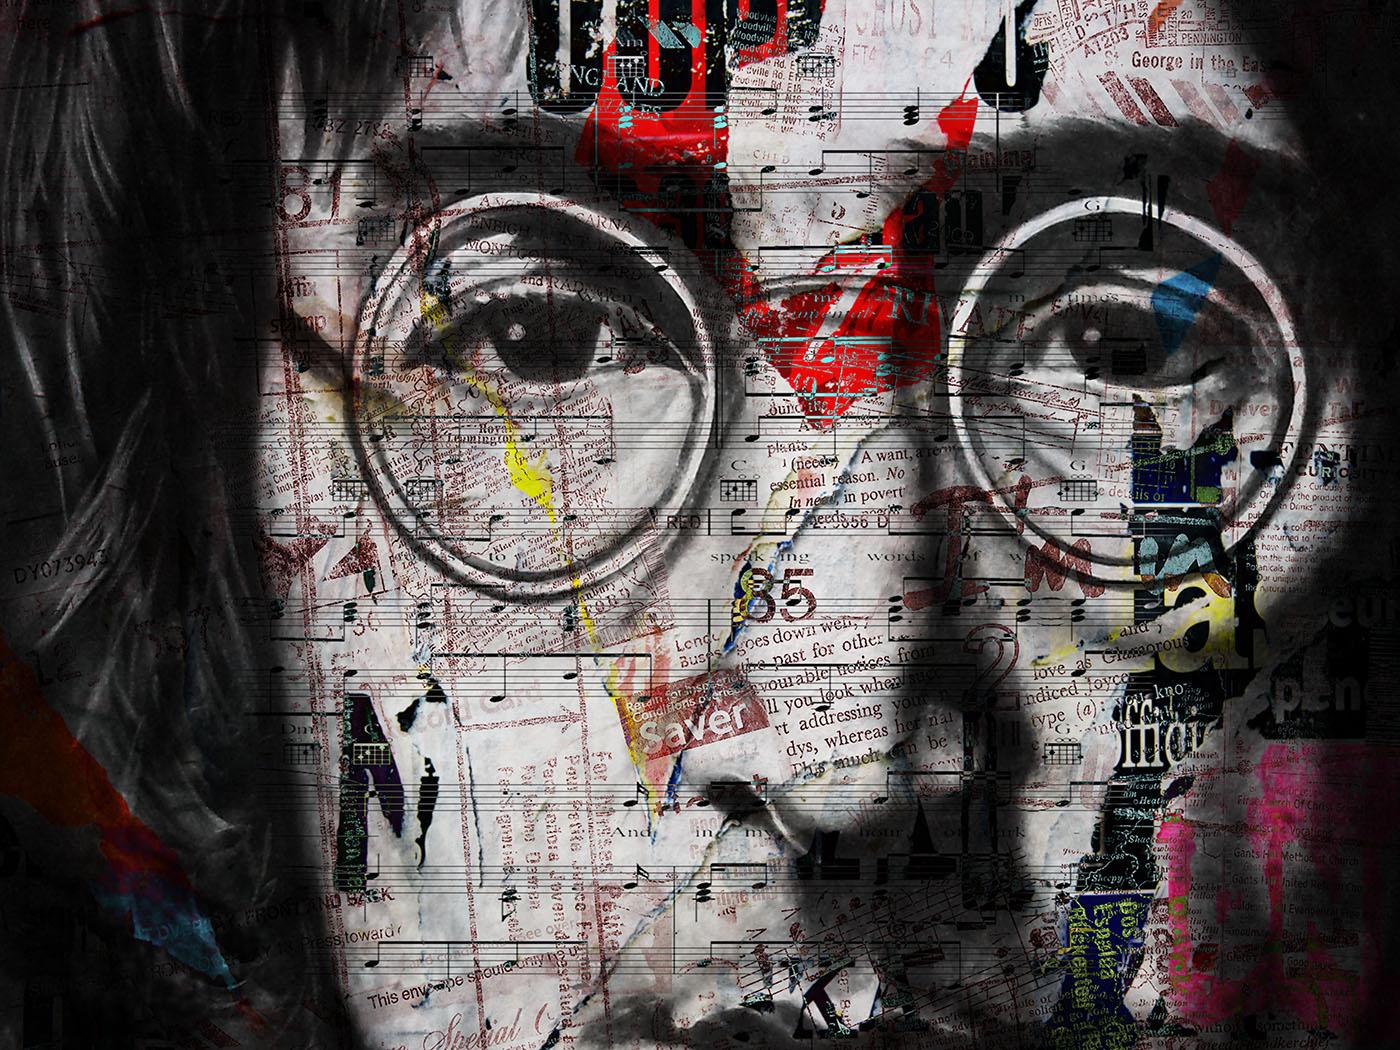 Lennon2017lessfaceprintable.jpg